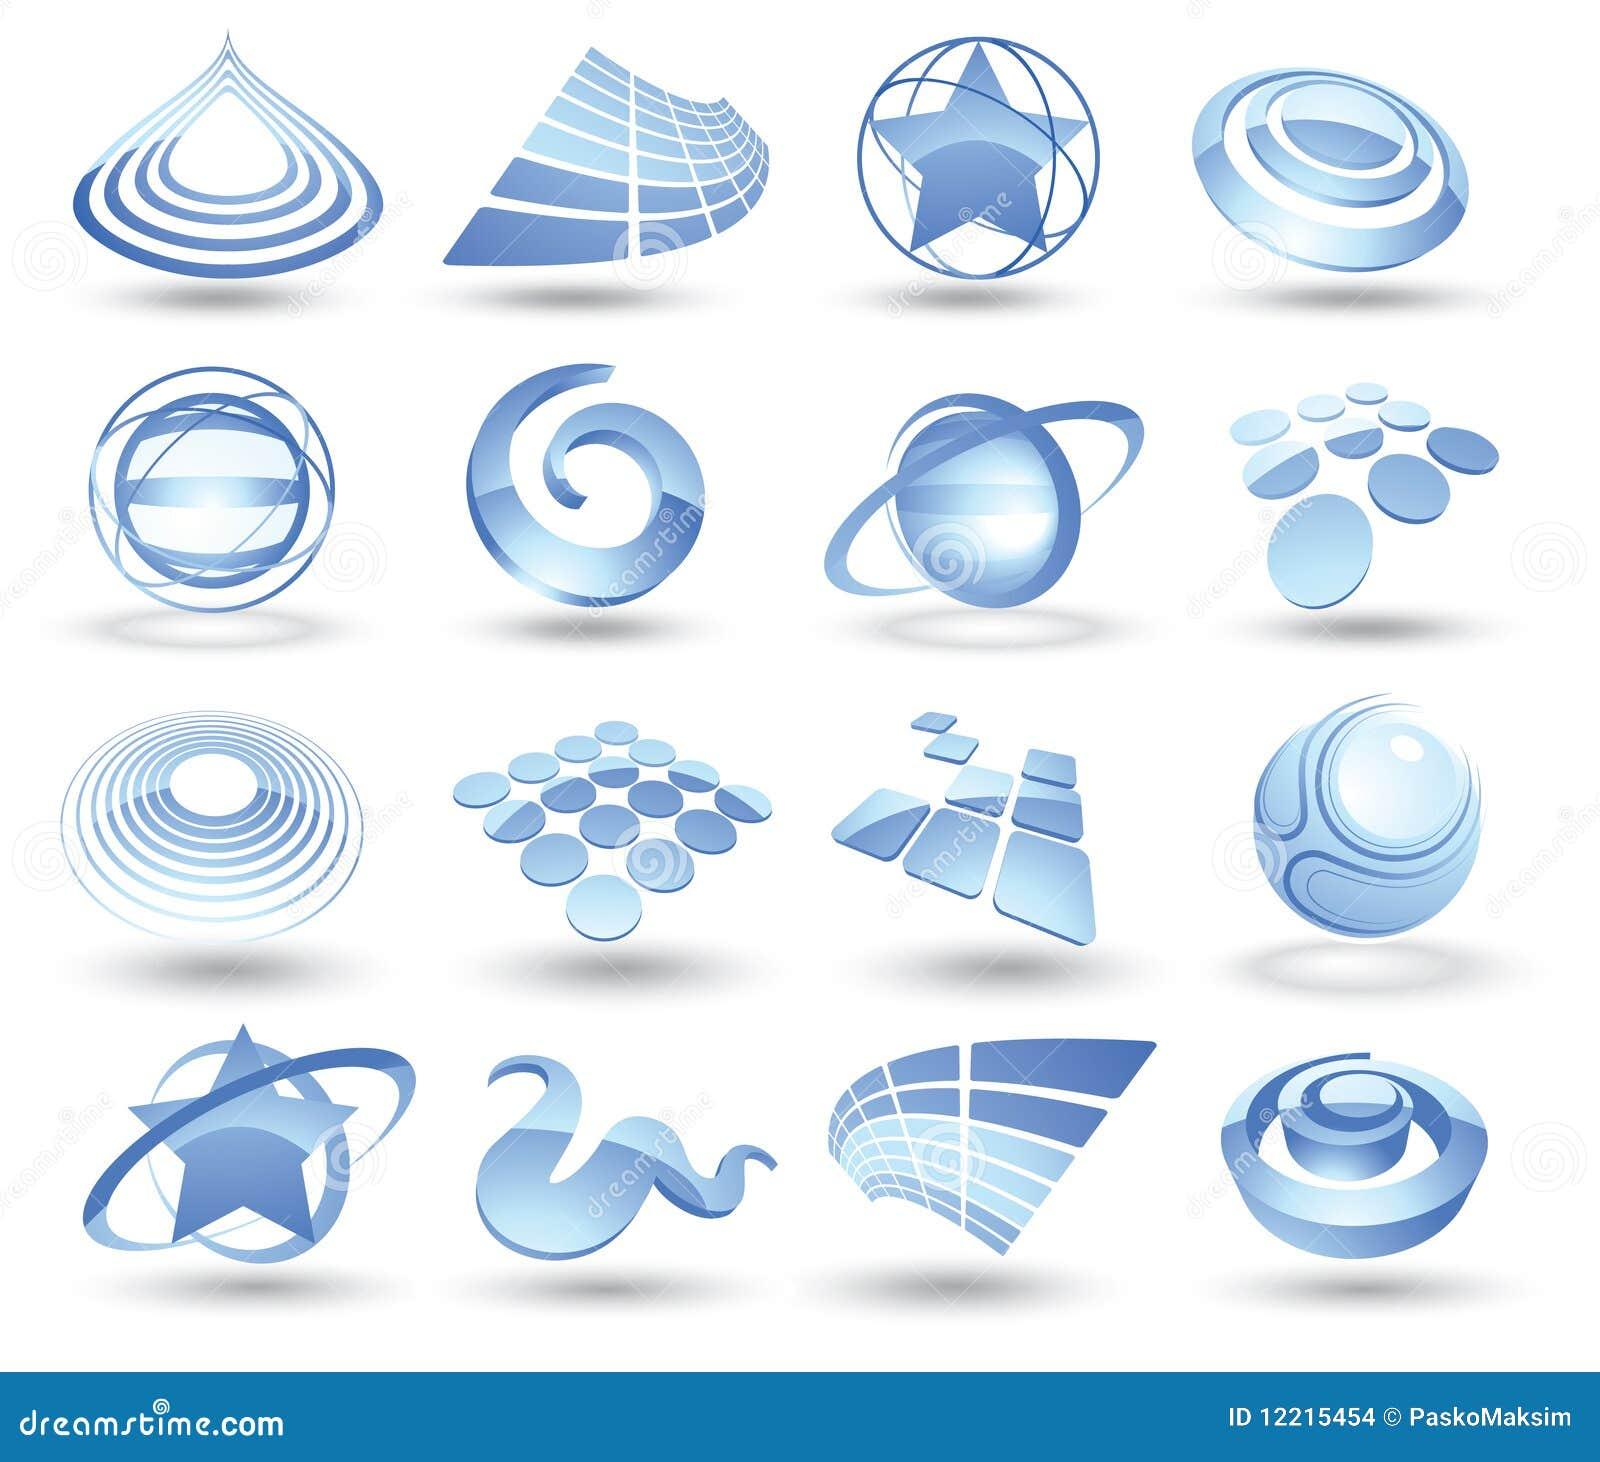 Ícones abstratos do espaço